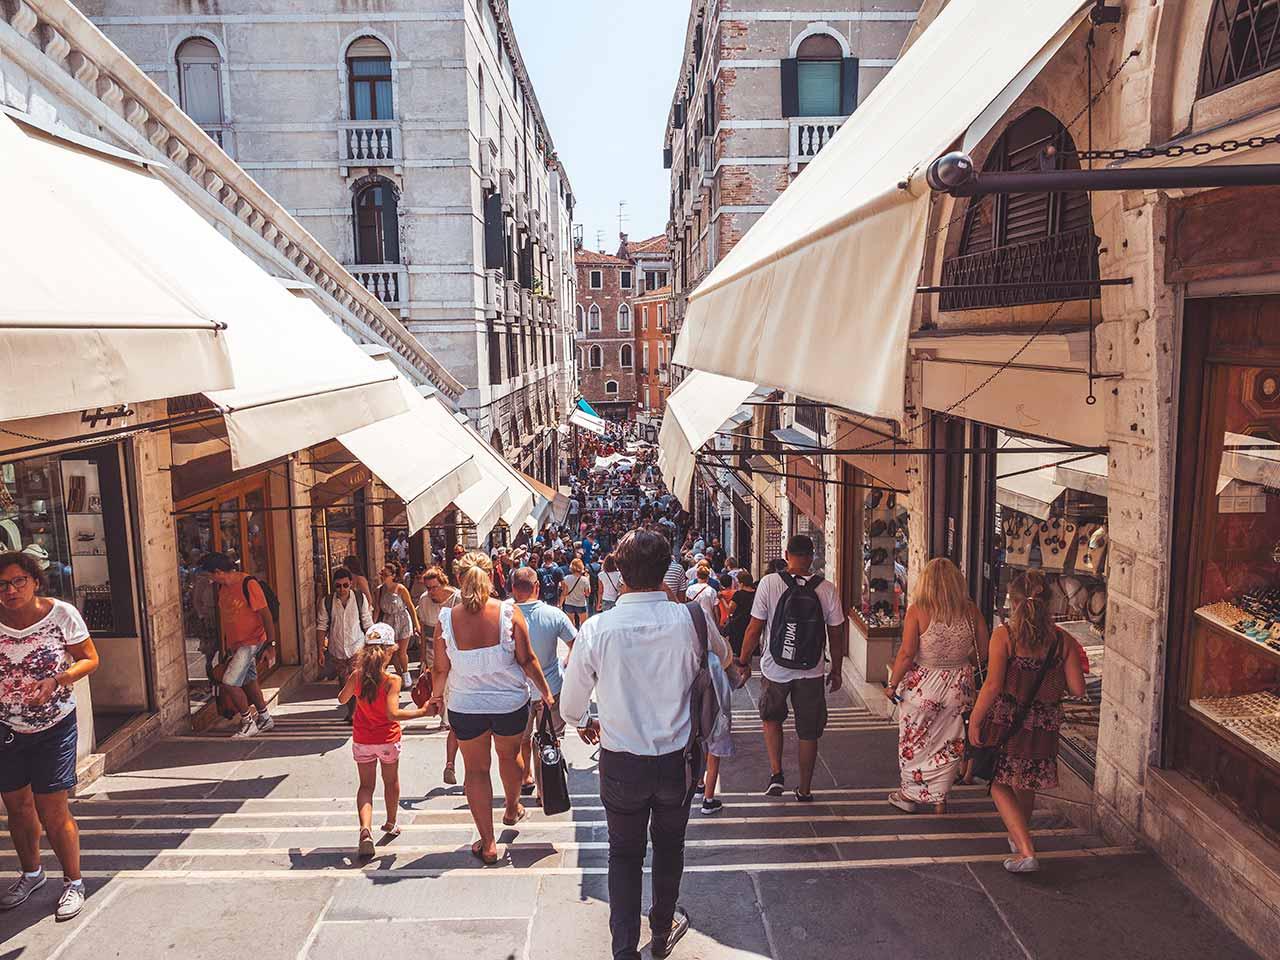 Riatltobrücke in Venedig - die Einkaufsstraße